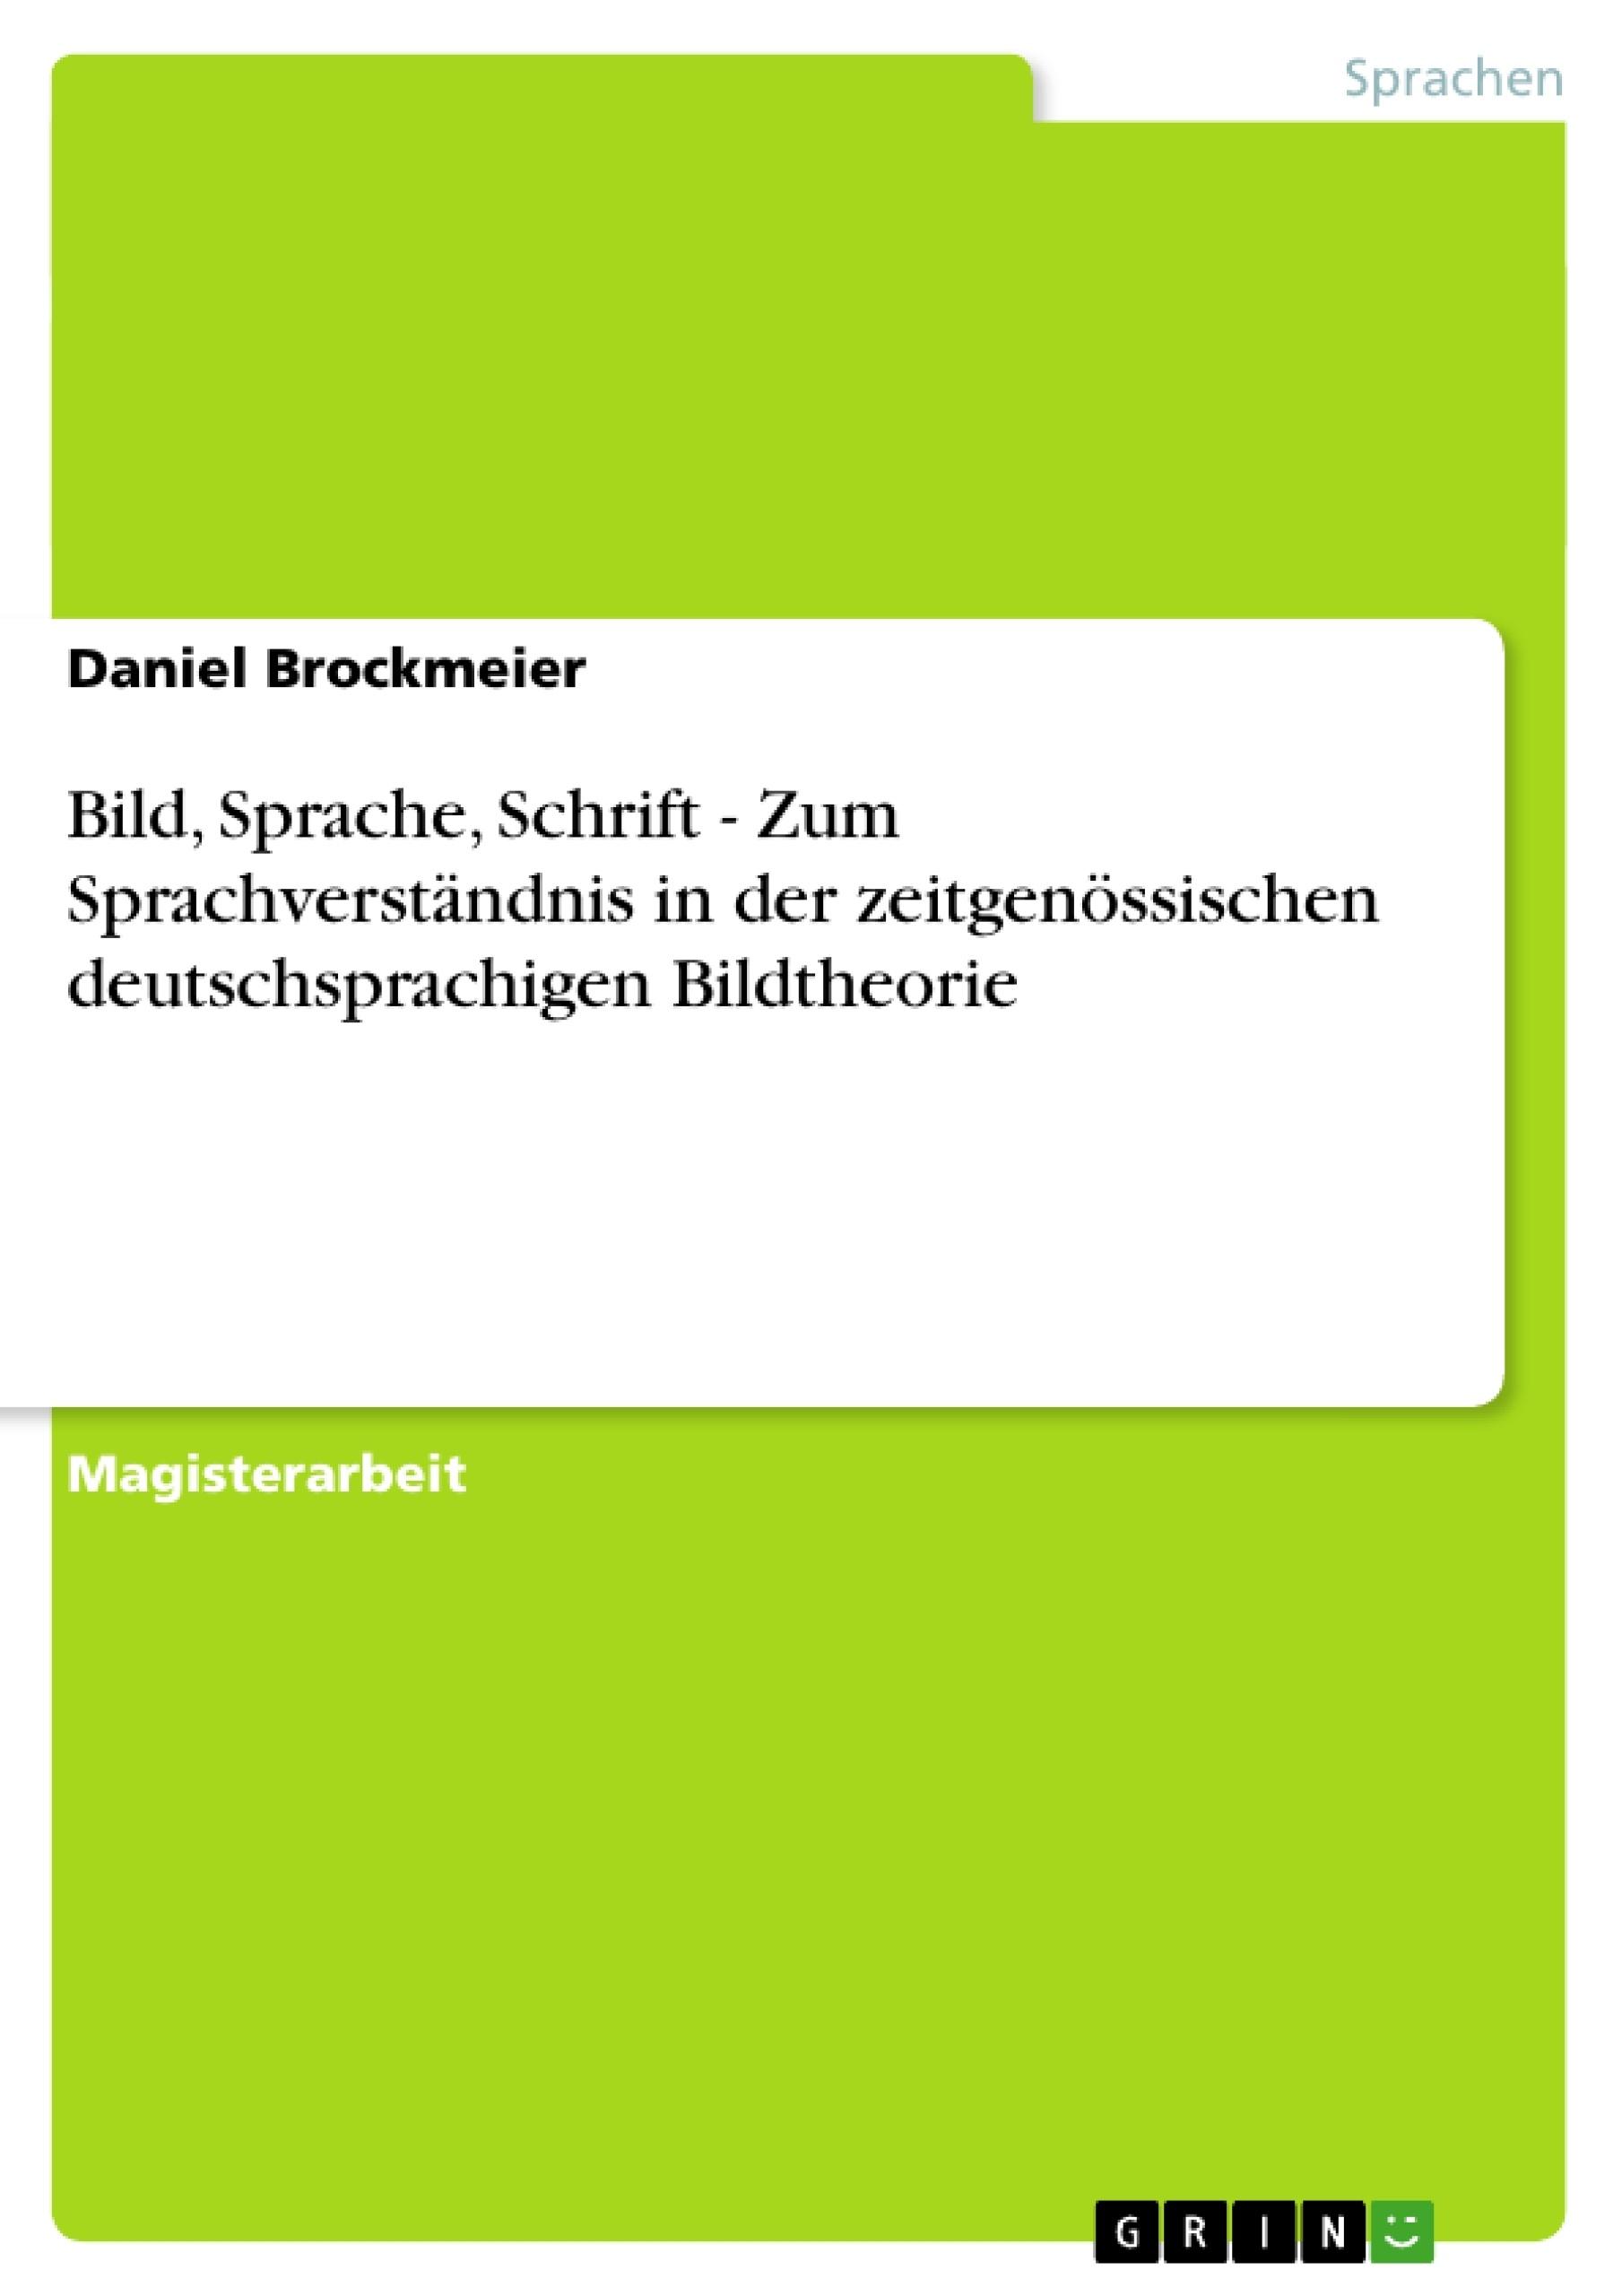 Titel: Bild, Sprache, Schrift - Zum Sprachverständnis in der zeitgenössischen deutschsprachigen Bildtheorie